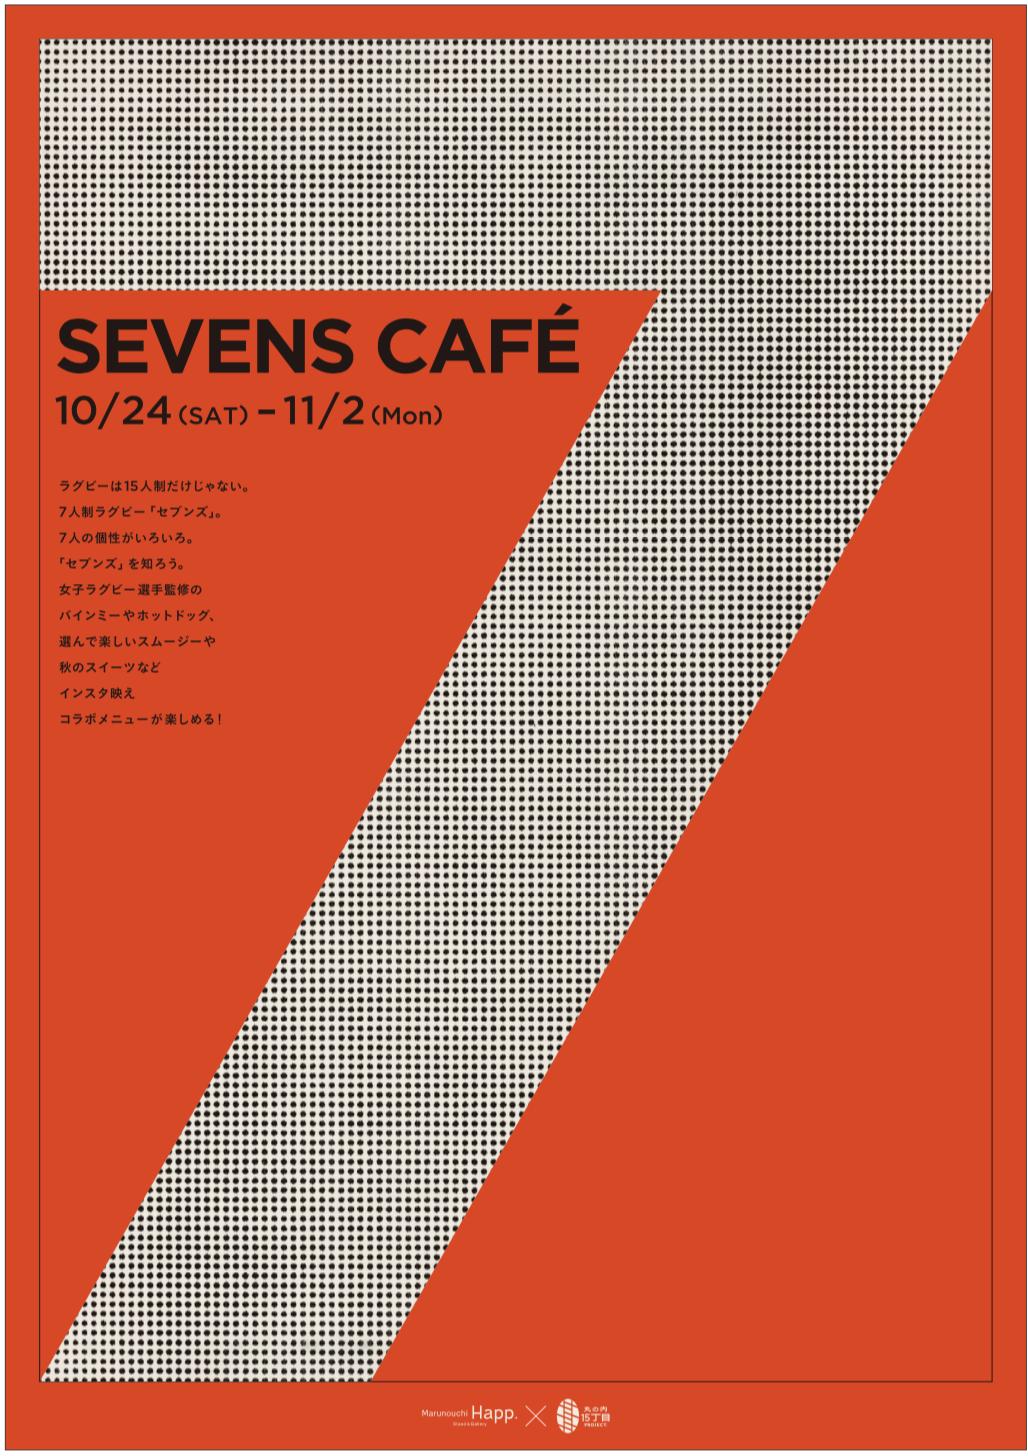 7人制ラグビー「セブンズ」の女子選手とコラボした「セブンズカフェ」を開催!